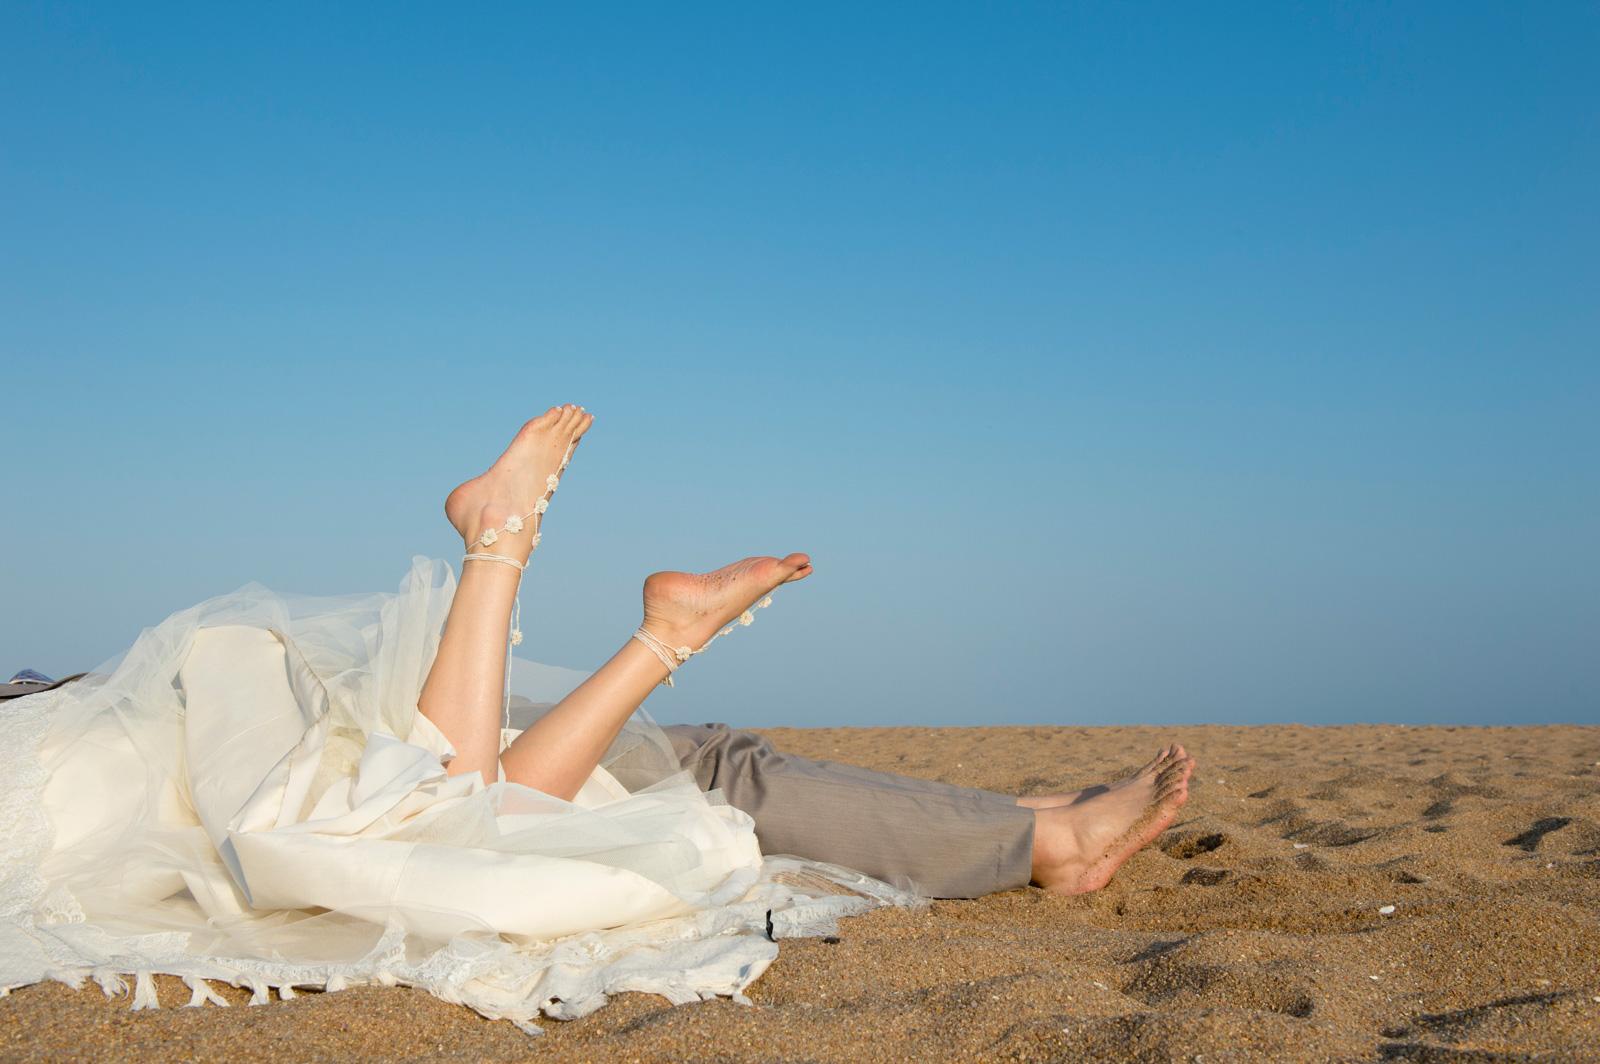 bride and groom feet on a beach